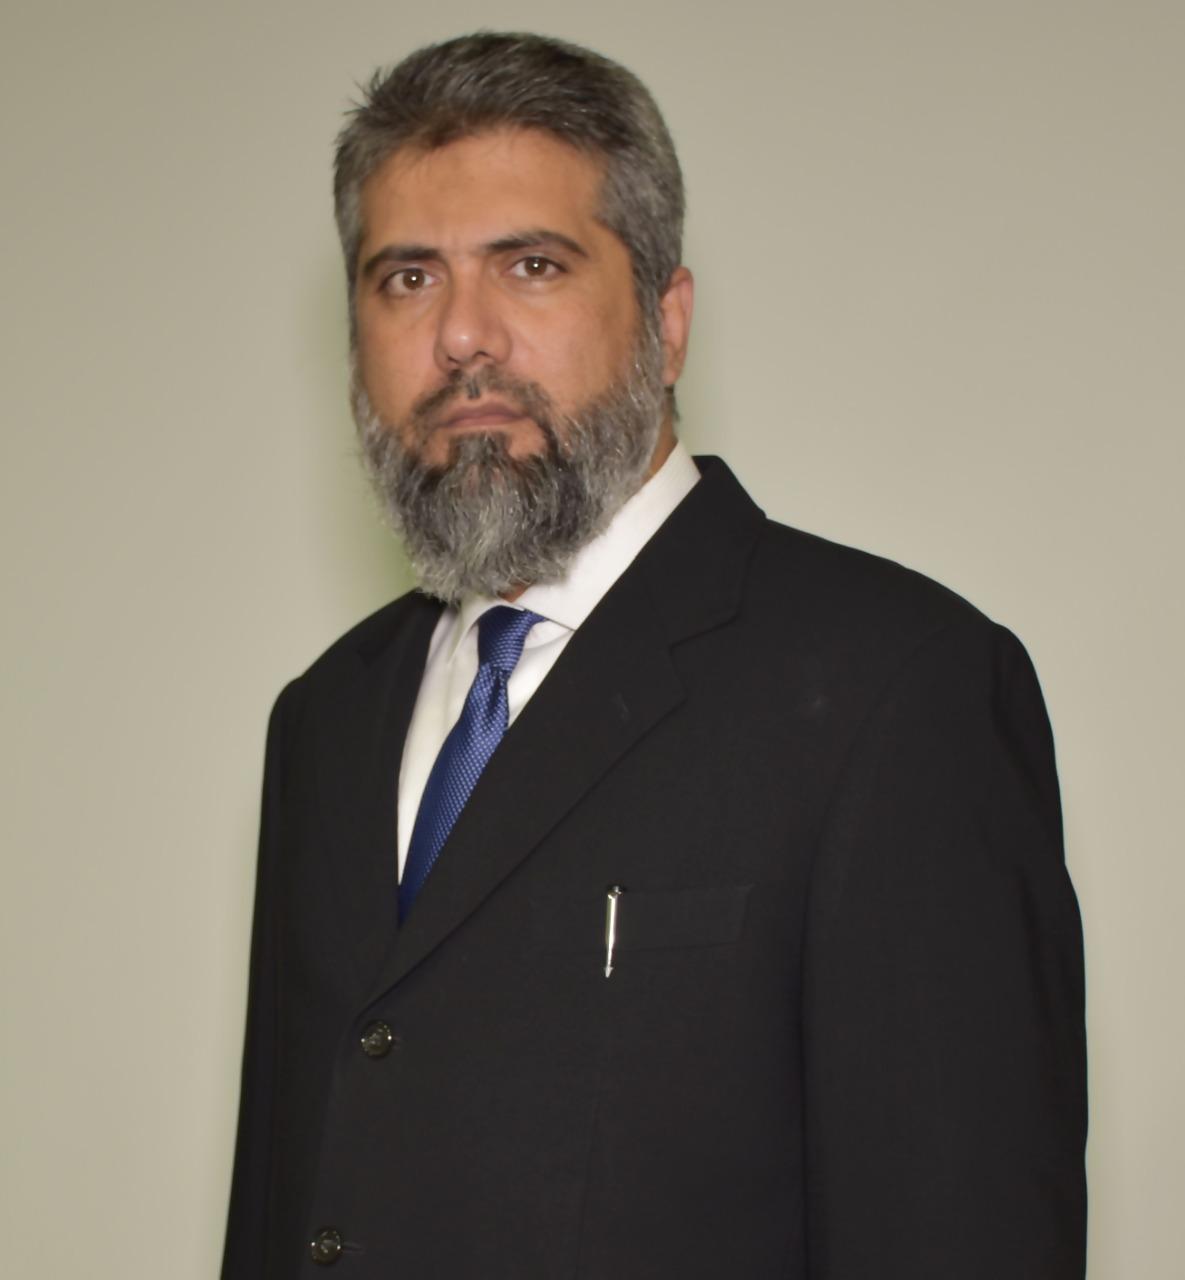 Mr. Faisal Ahmed Uqaili